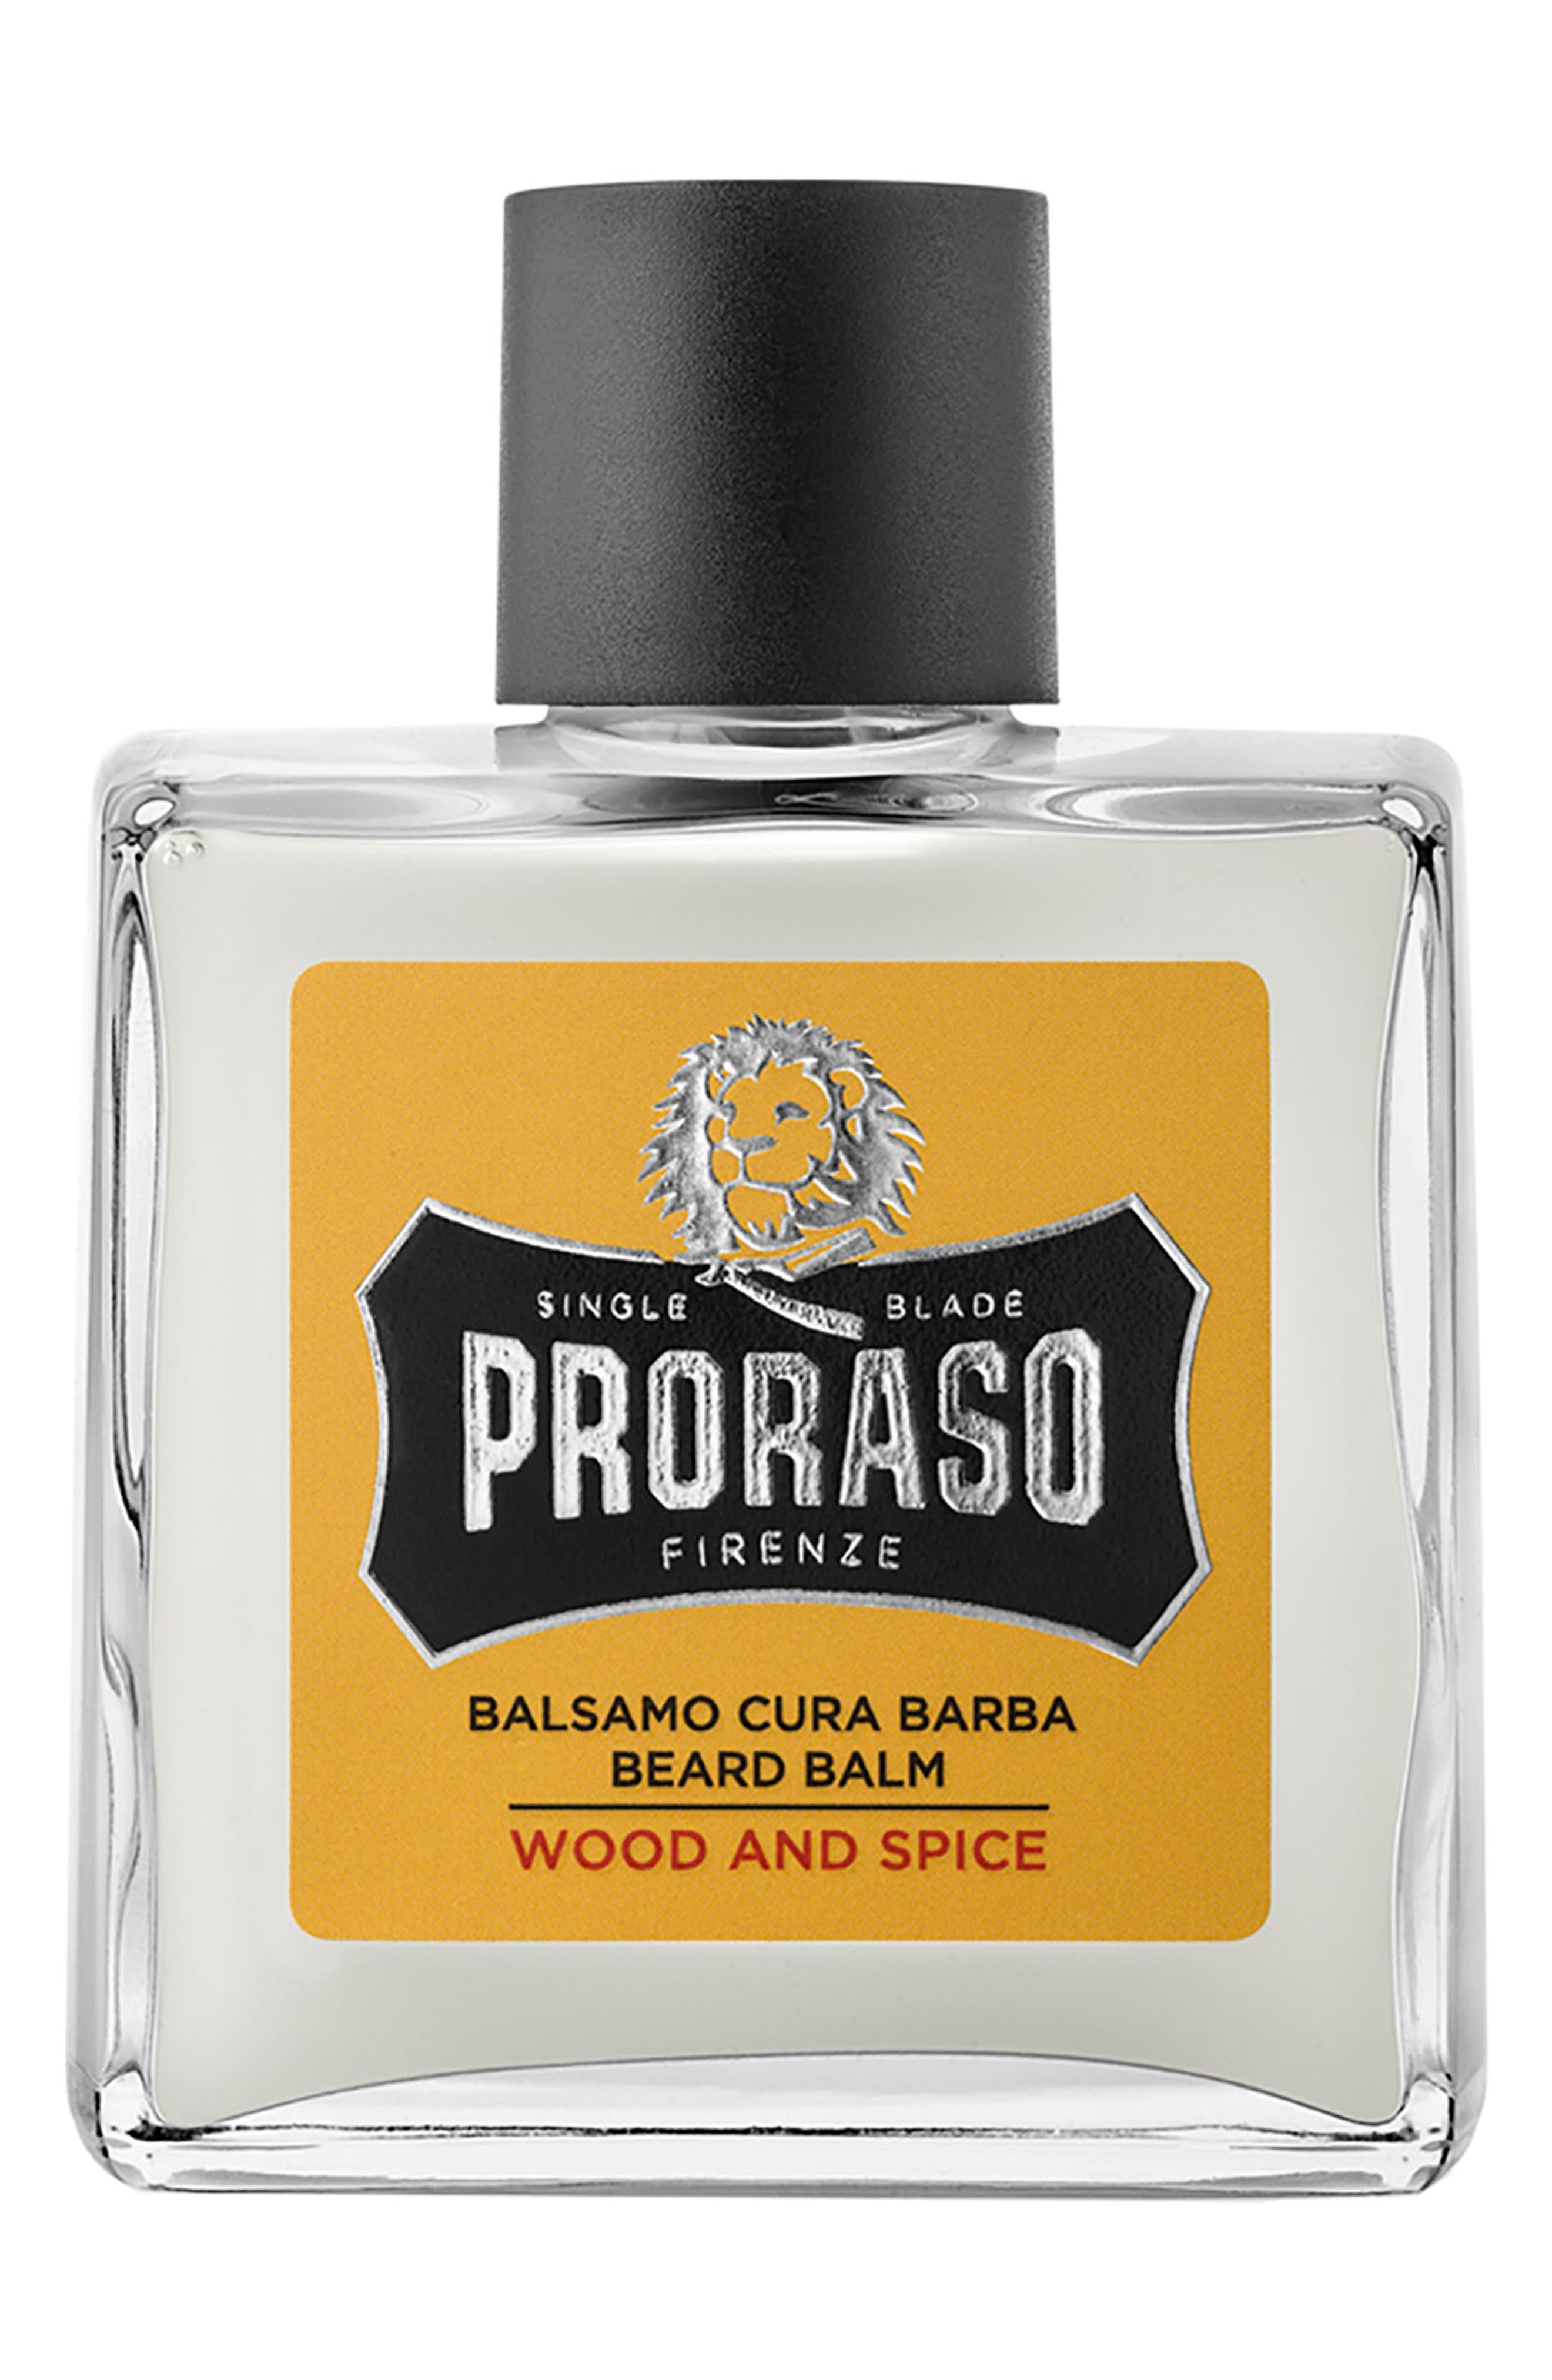 Grooming Wood And Spice Beard Balm